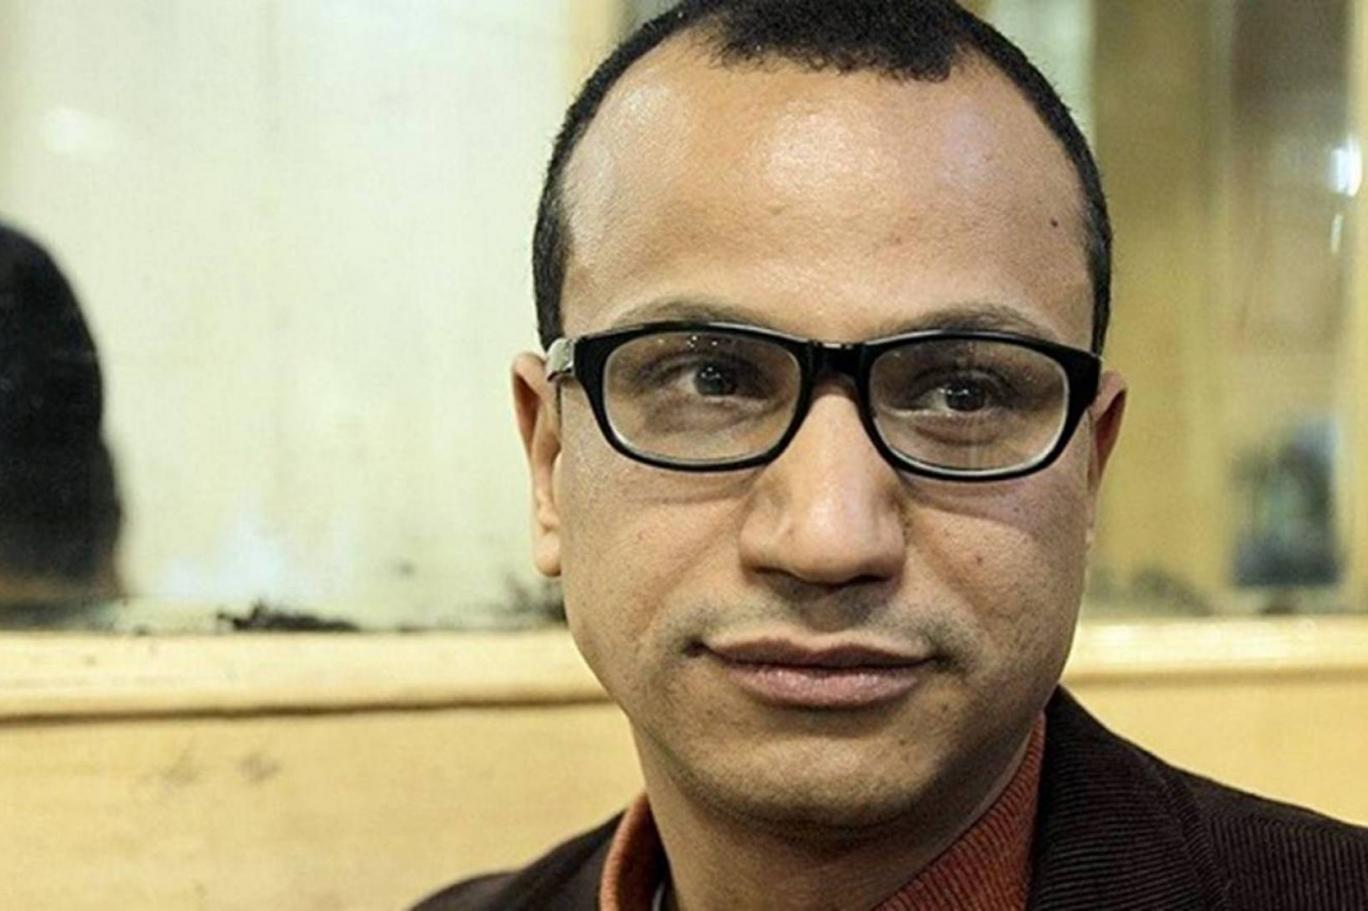 الإعلان عن وفاة المخرج المصري محمد عبدالنبي